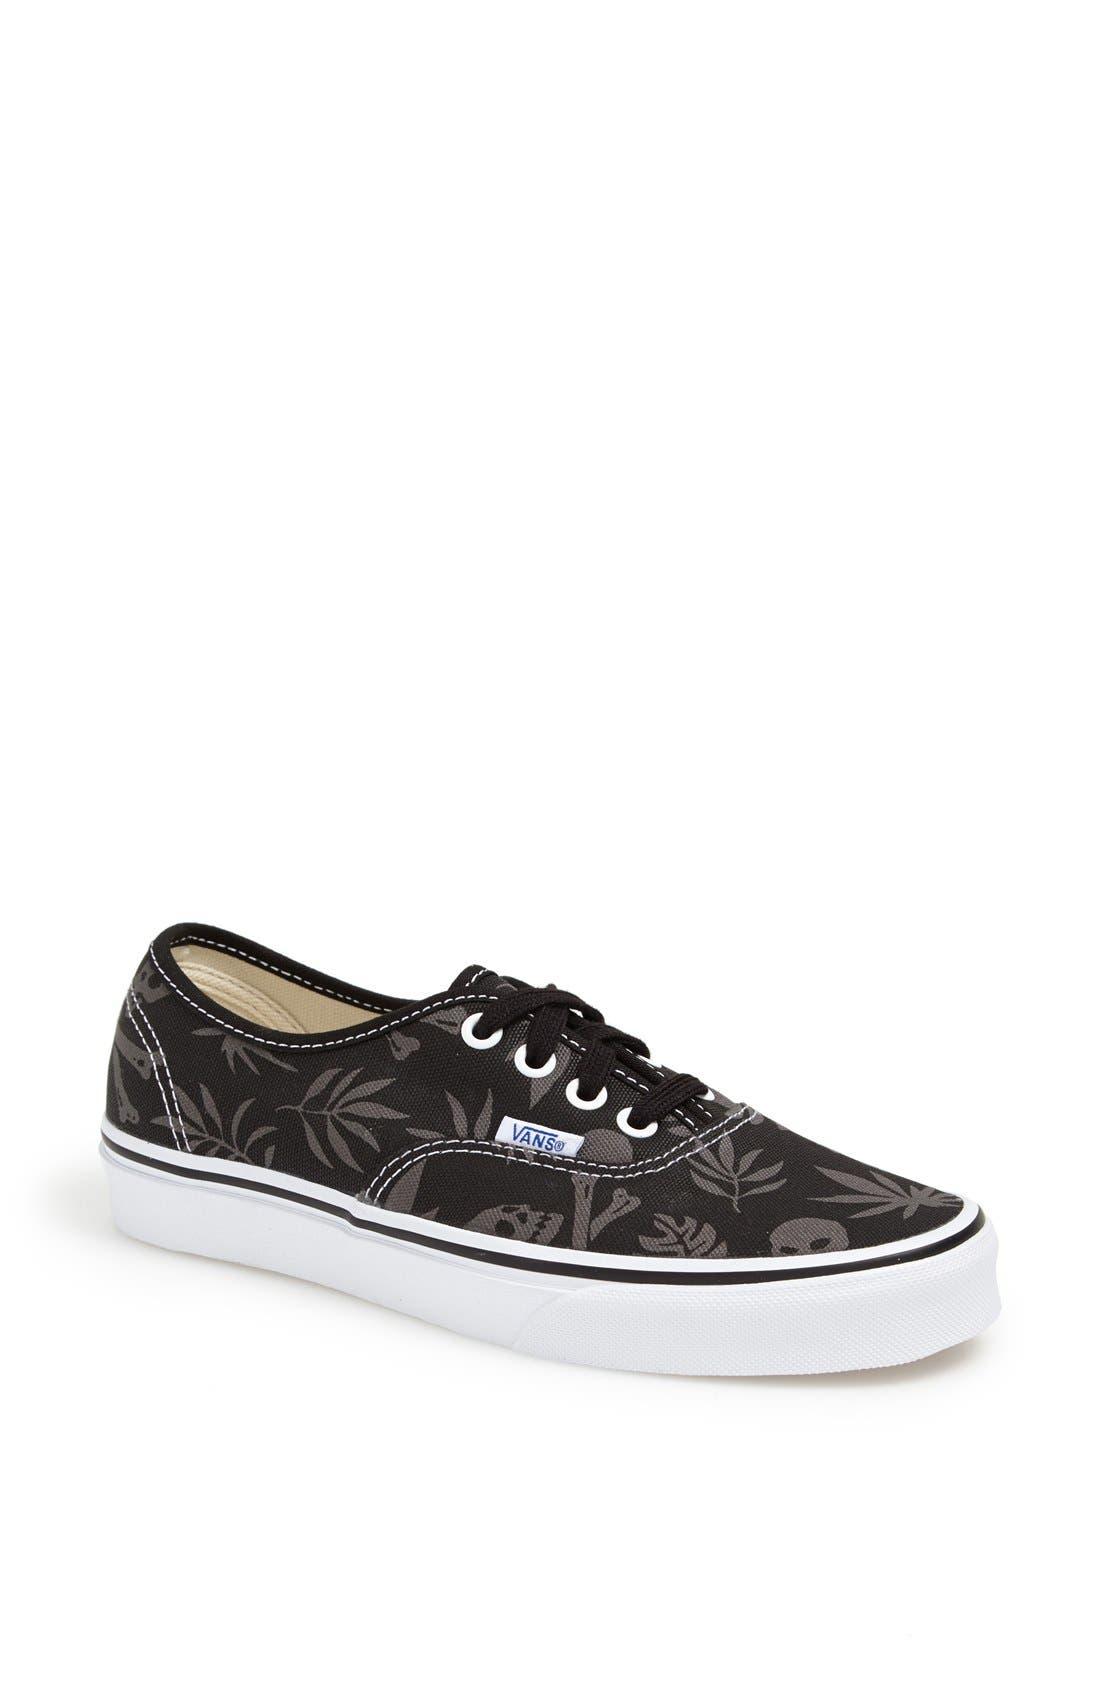 Alternate Image 1 Selected - Vans 'Van Doren - Authentic' Sneaker (Women)